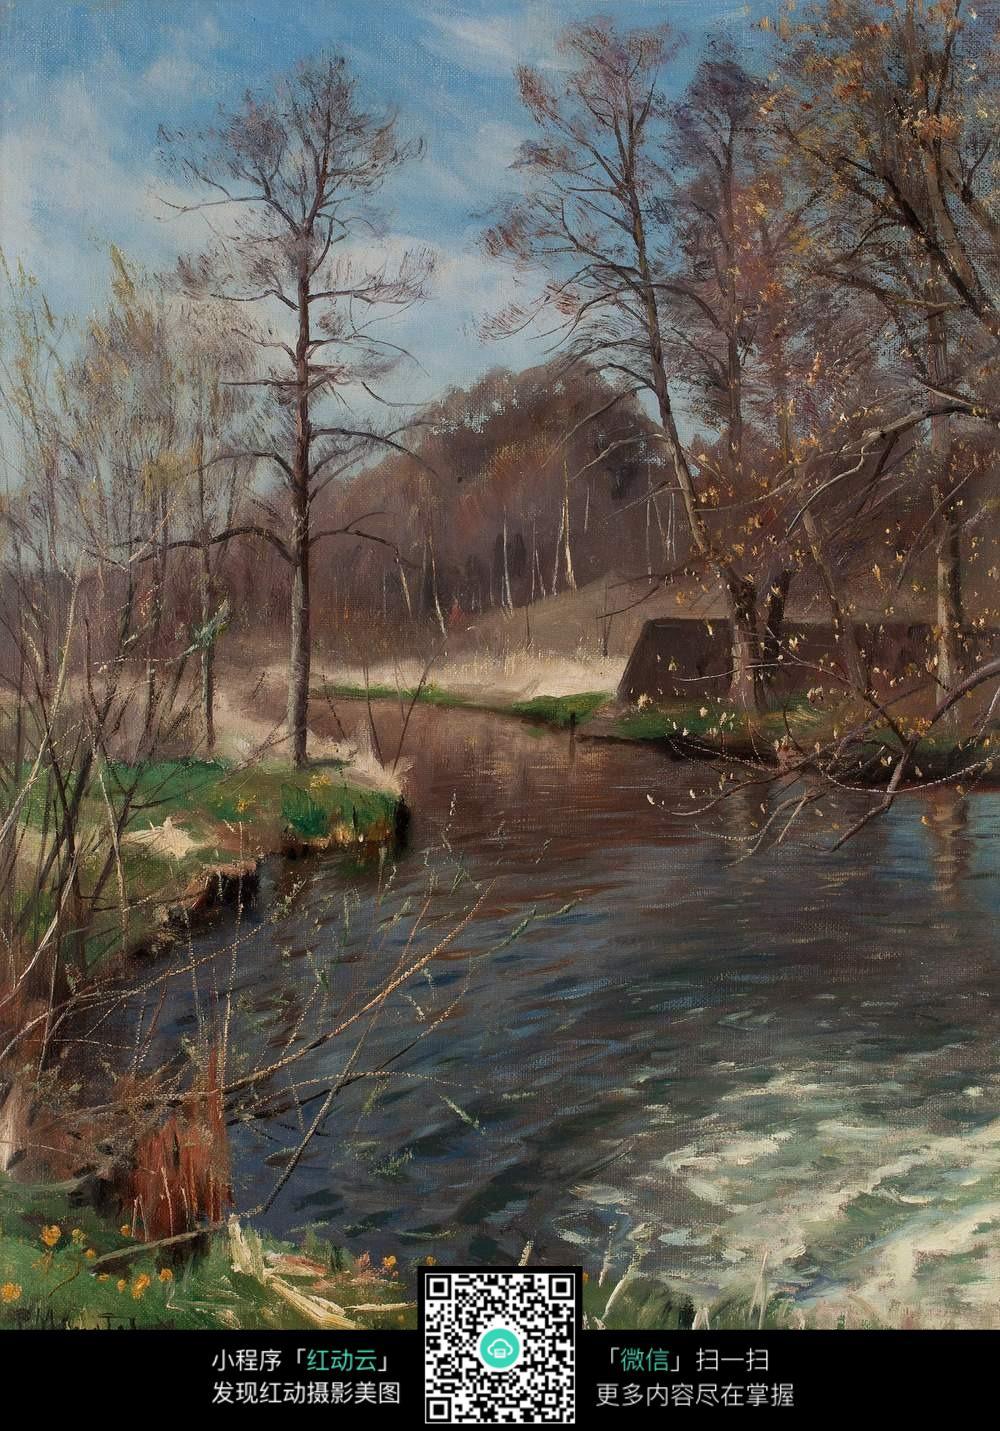 林中山溪写实风景油画